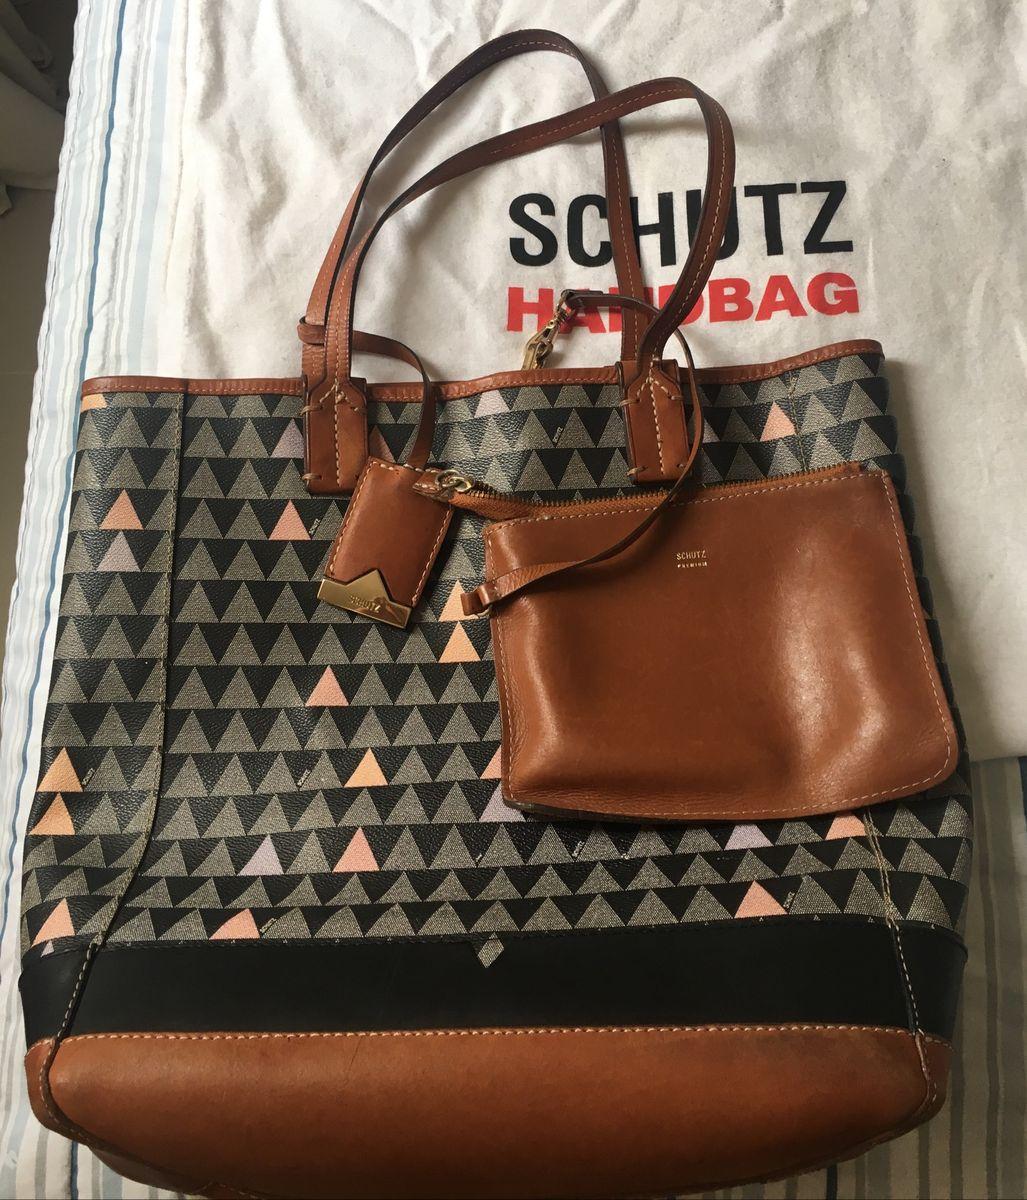 3ef69f091 bolsa schütz bag triangle - ombro schutz.  Czm6ly9wag90b3muzw5qb2vplmnvbs5ici9wcm9kdwn0cy85otgznzuwl2mxode3otg0ogfknjfmzwyxnjcyzjyzzte0otzmztgxlmpwzw  ...